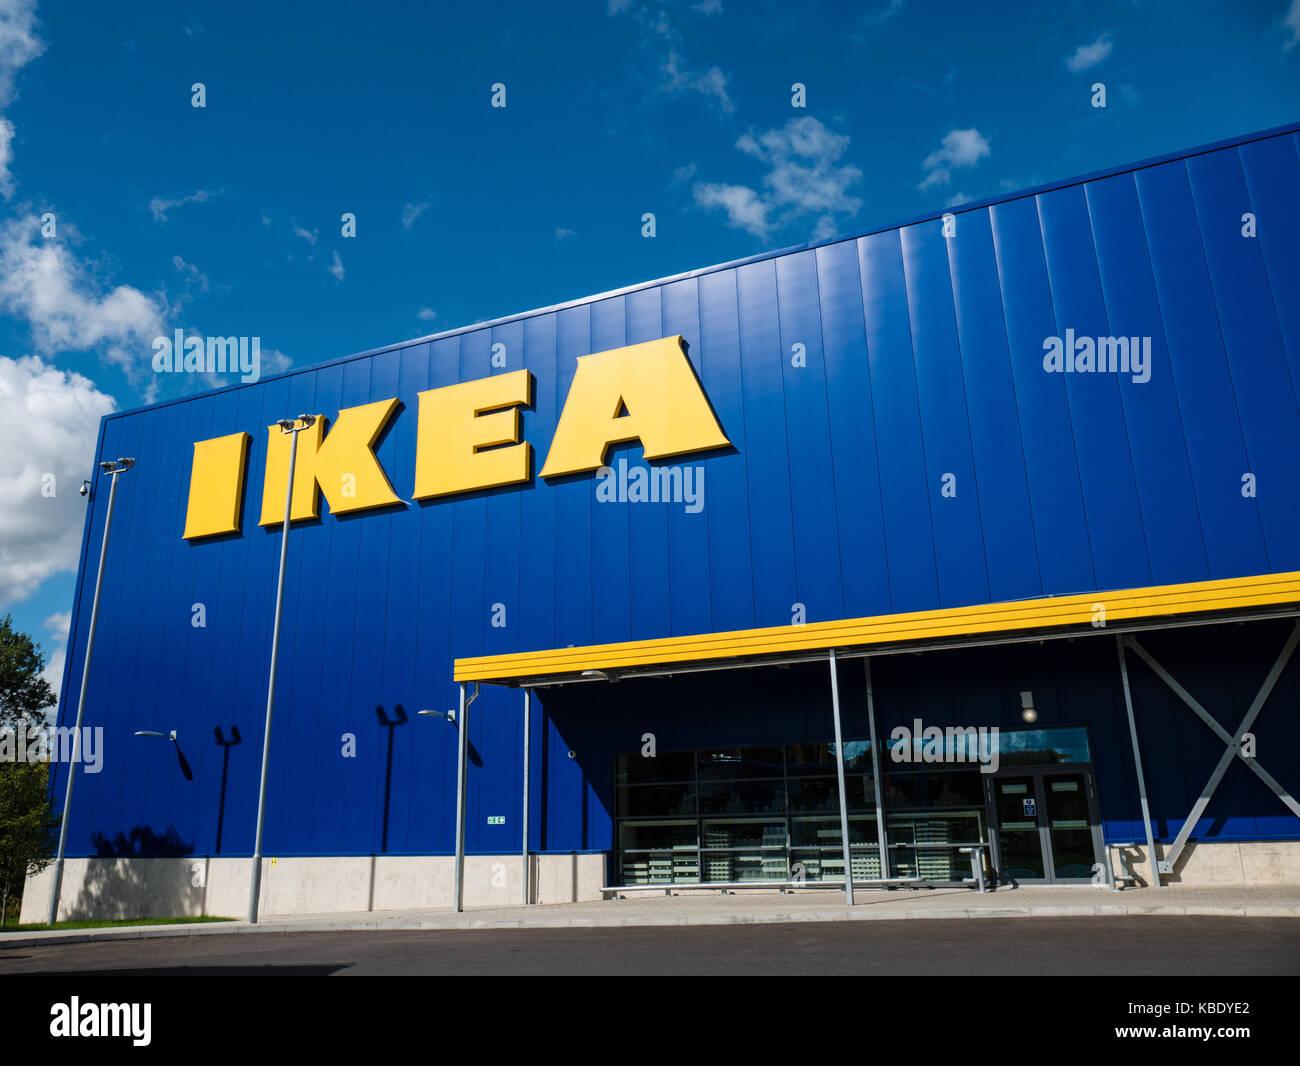 Ikea uk stock photos ikea uk stock images alamy for Ikea stehhocker